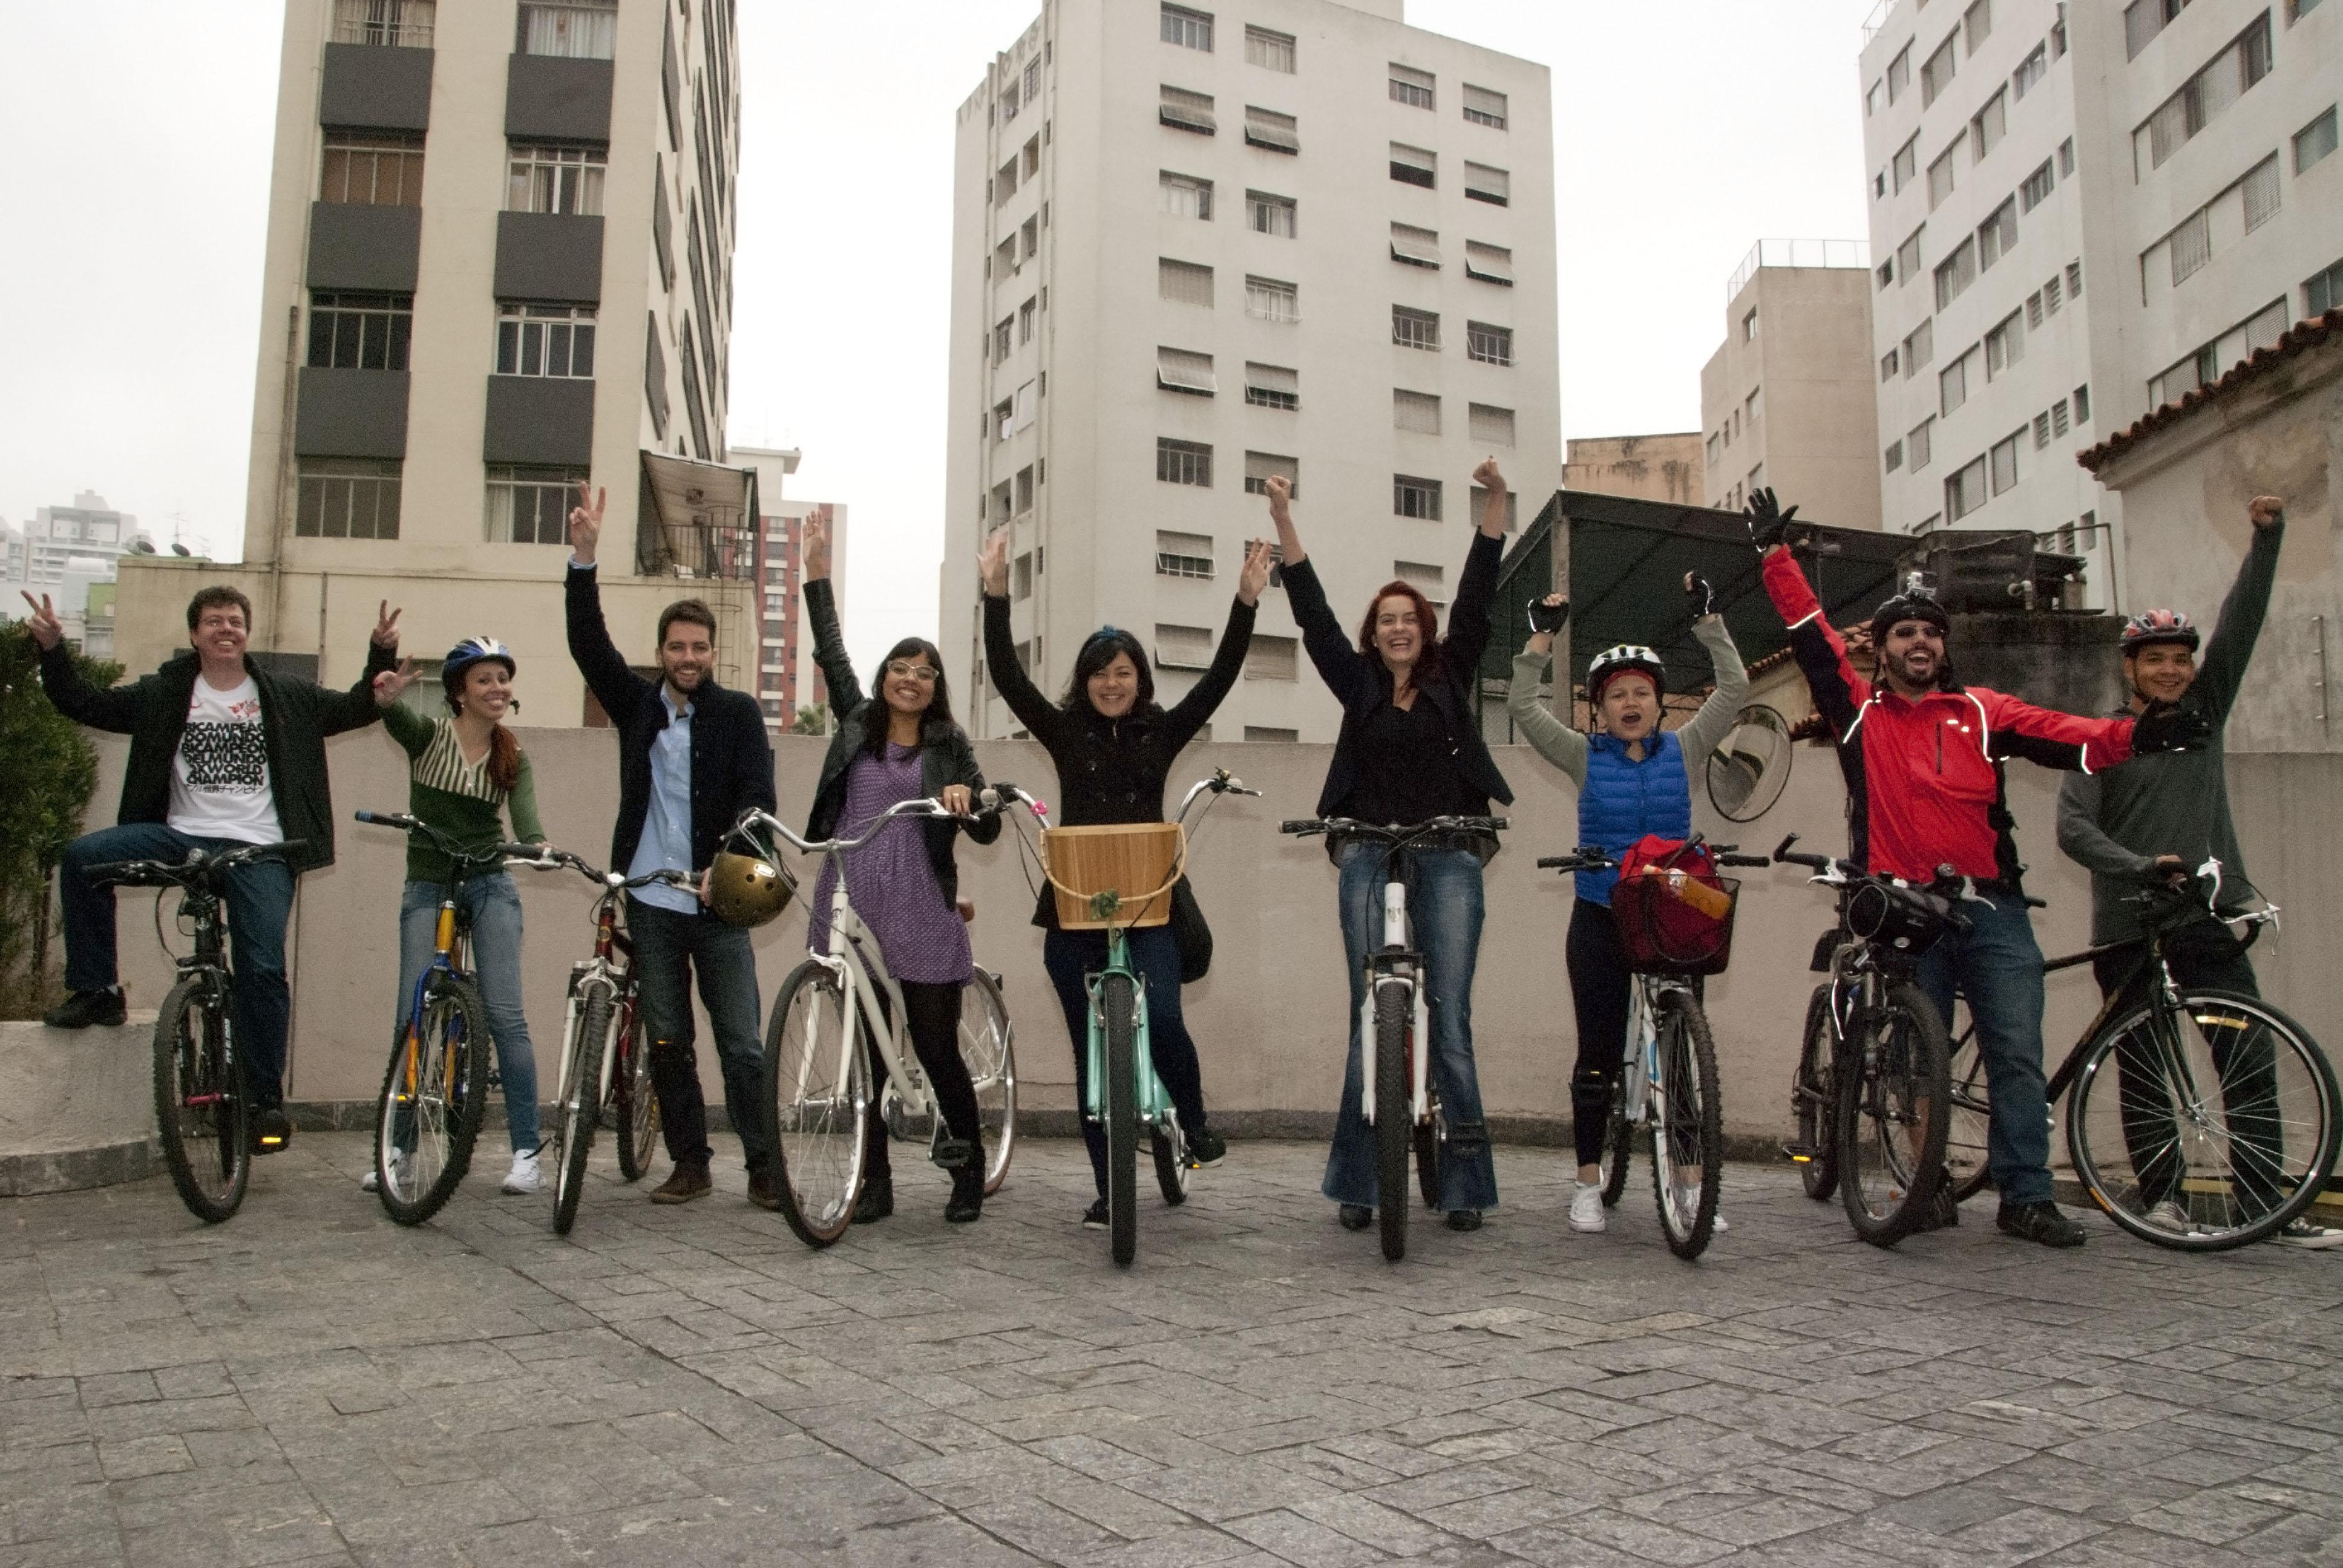 O pessoal da Agência TUTU, em São Paulo, aderiu em peso! Dez pessoas foram de bicicleta, muitas delas pela primeira vez. Bike Anjos e o experiente Enzo Bertolini ajudaram na ação. Foto enviada por Gabriel Pelosi.